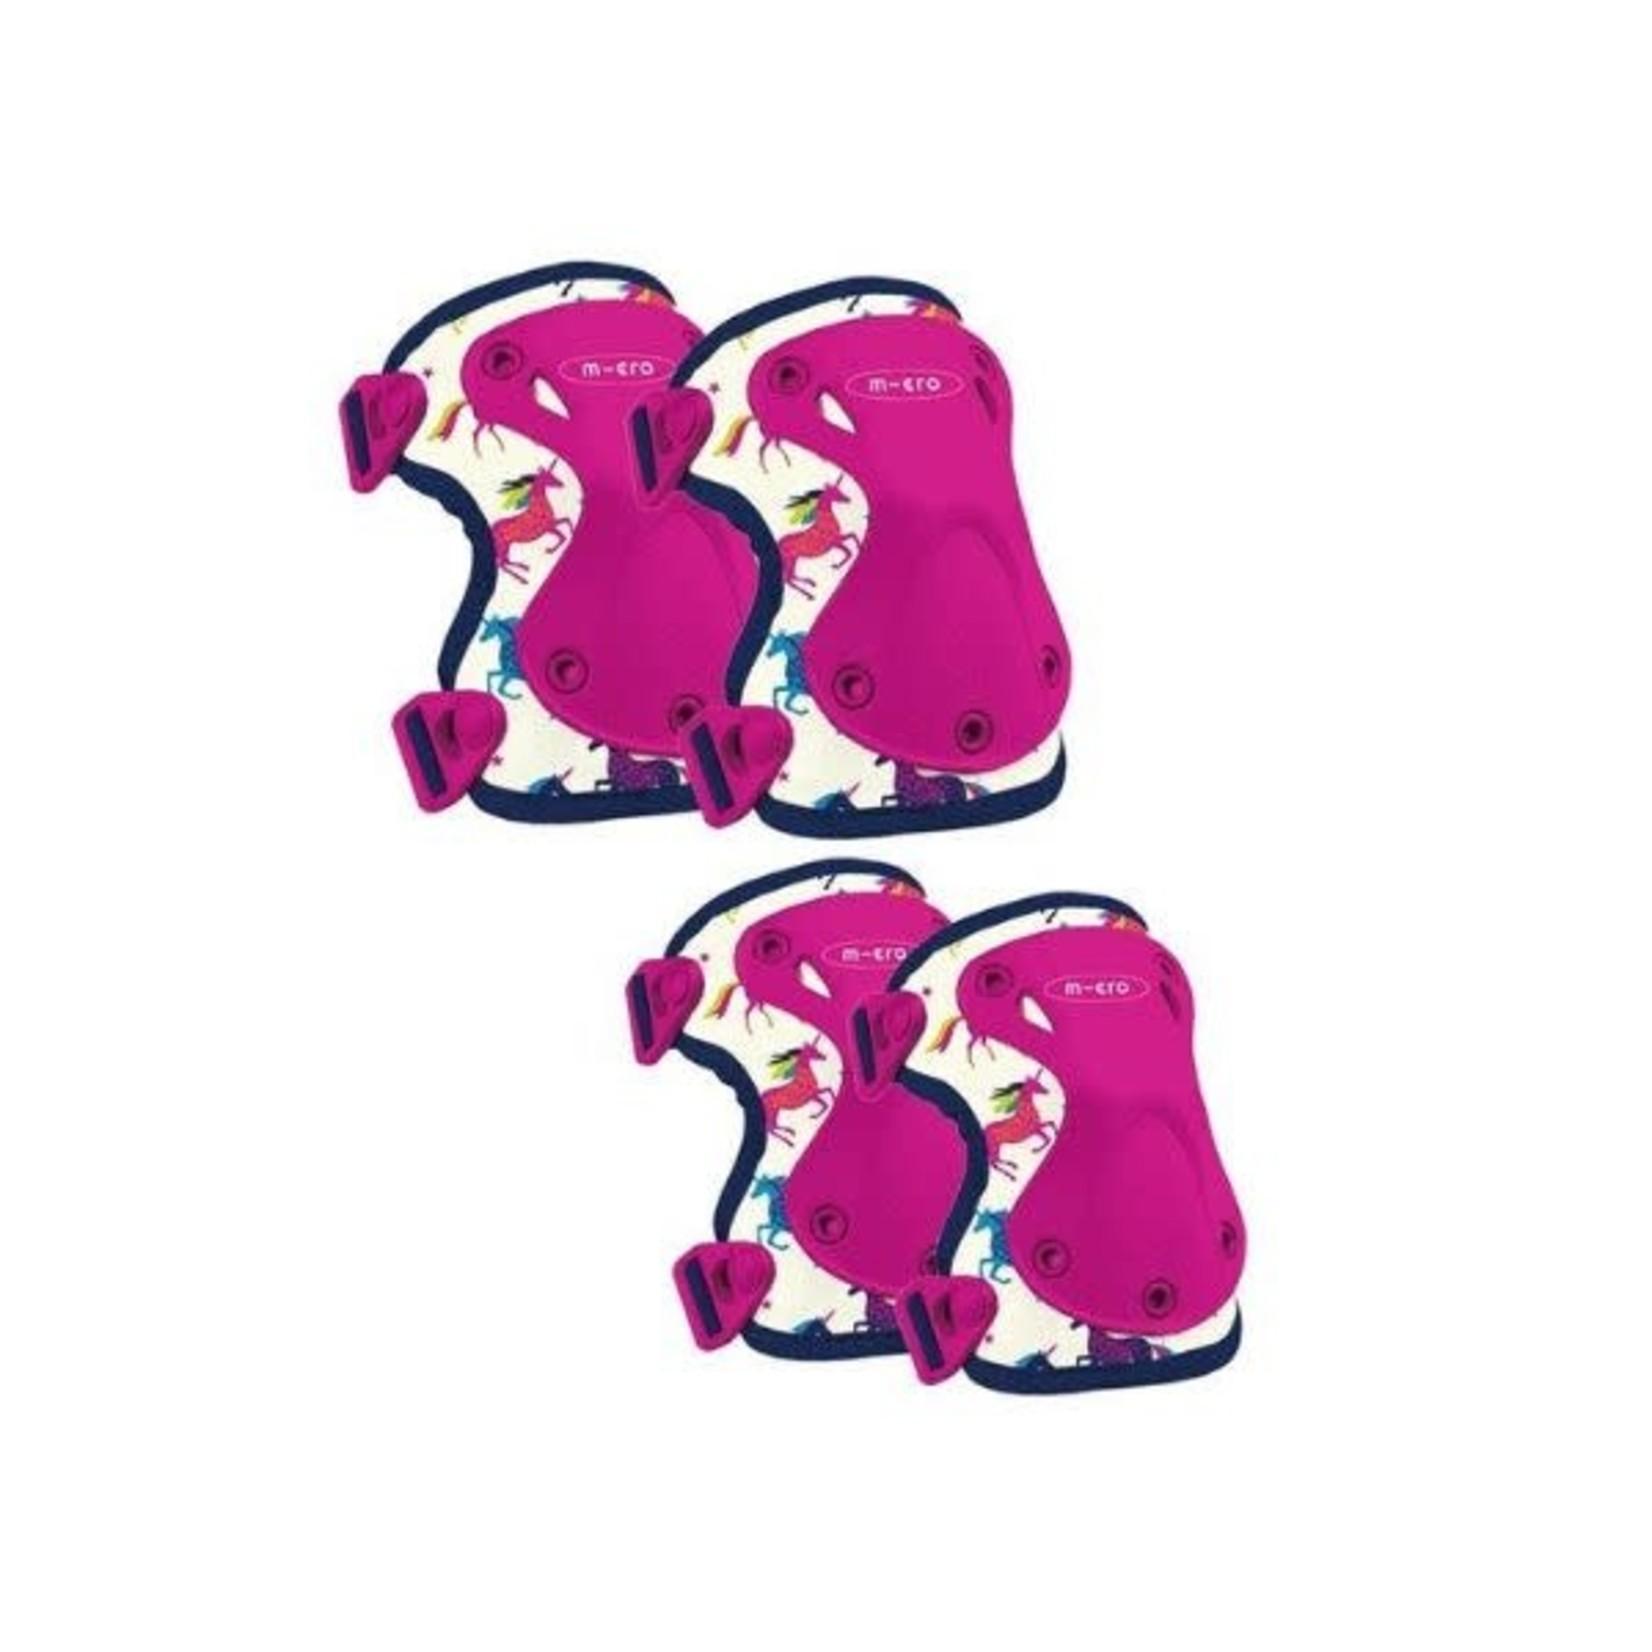 Micro Scooters MIcro Knee/Elbow Pad Unicorn (pair) S